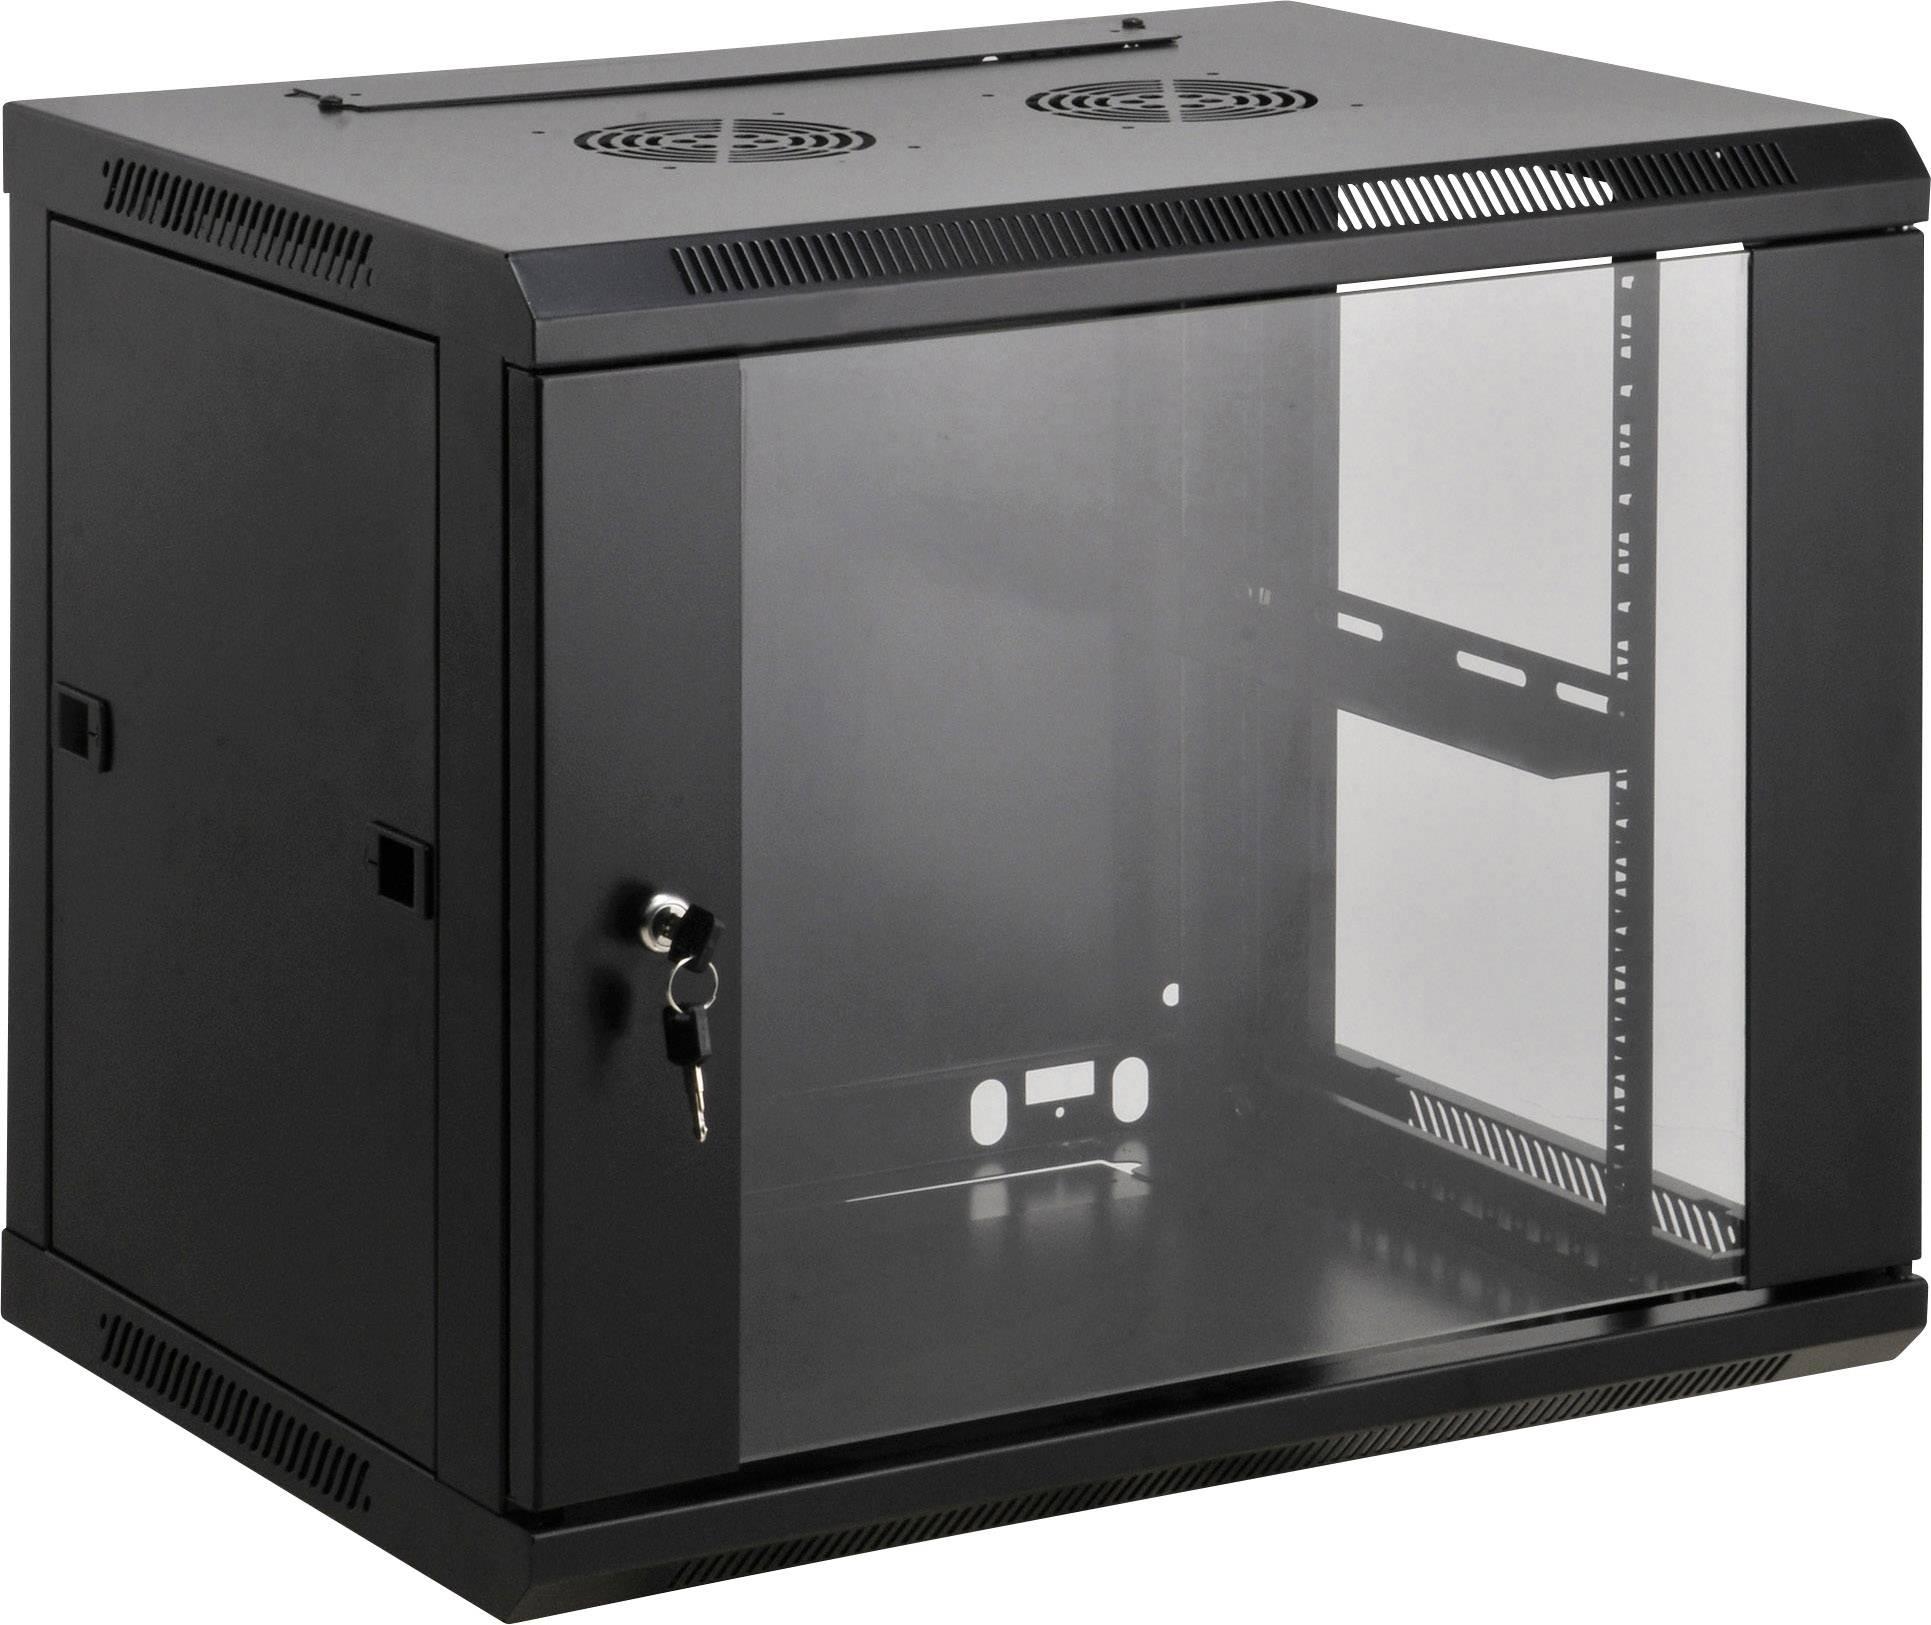 intellinet 712071 armoire baie de brassage 19 l x h x p 600 x 500 x 600 mm 9 uh noir ral 9005